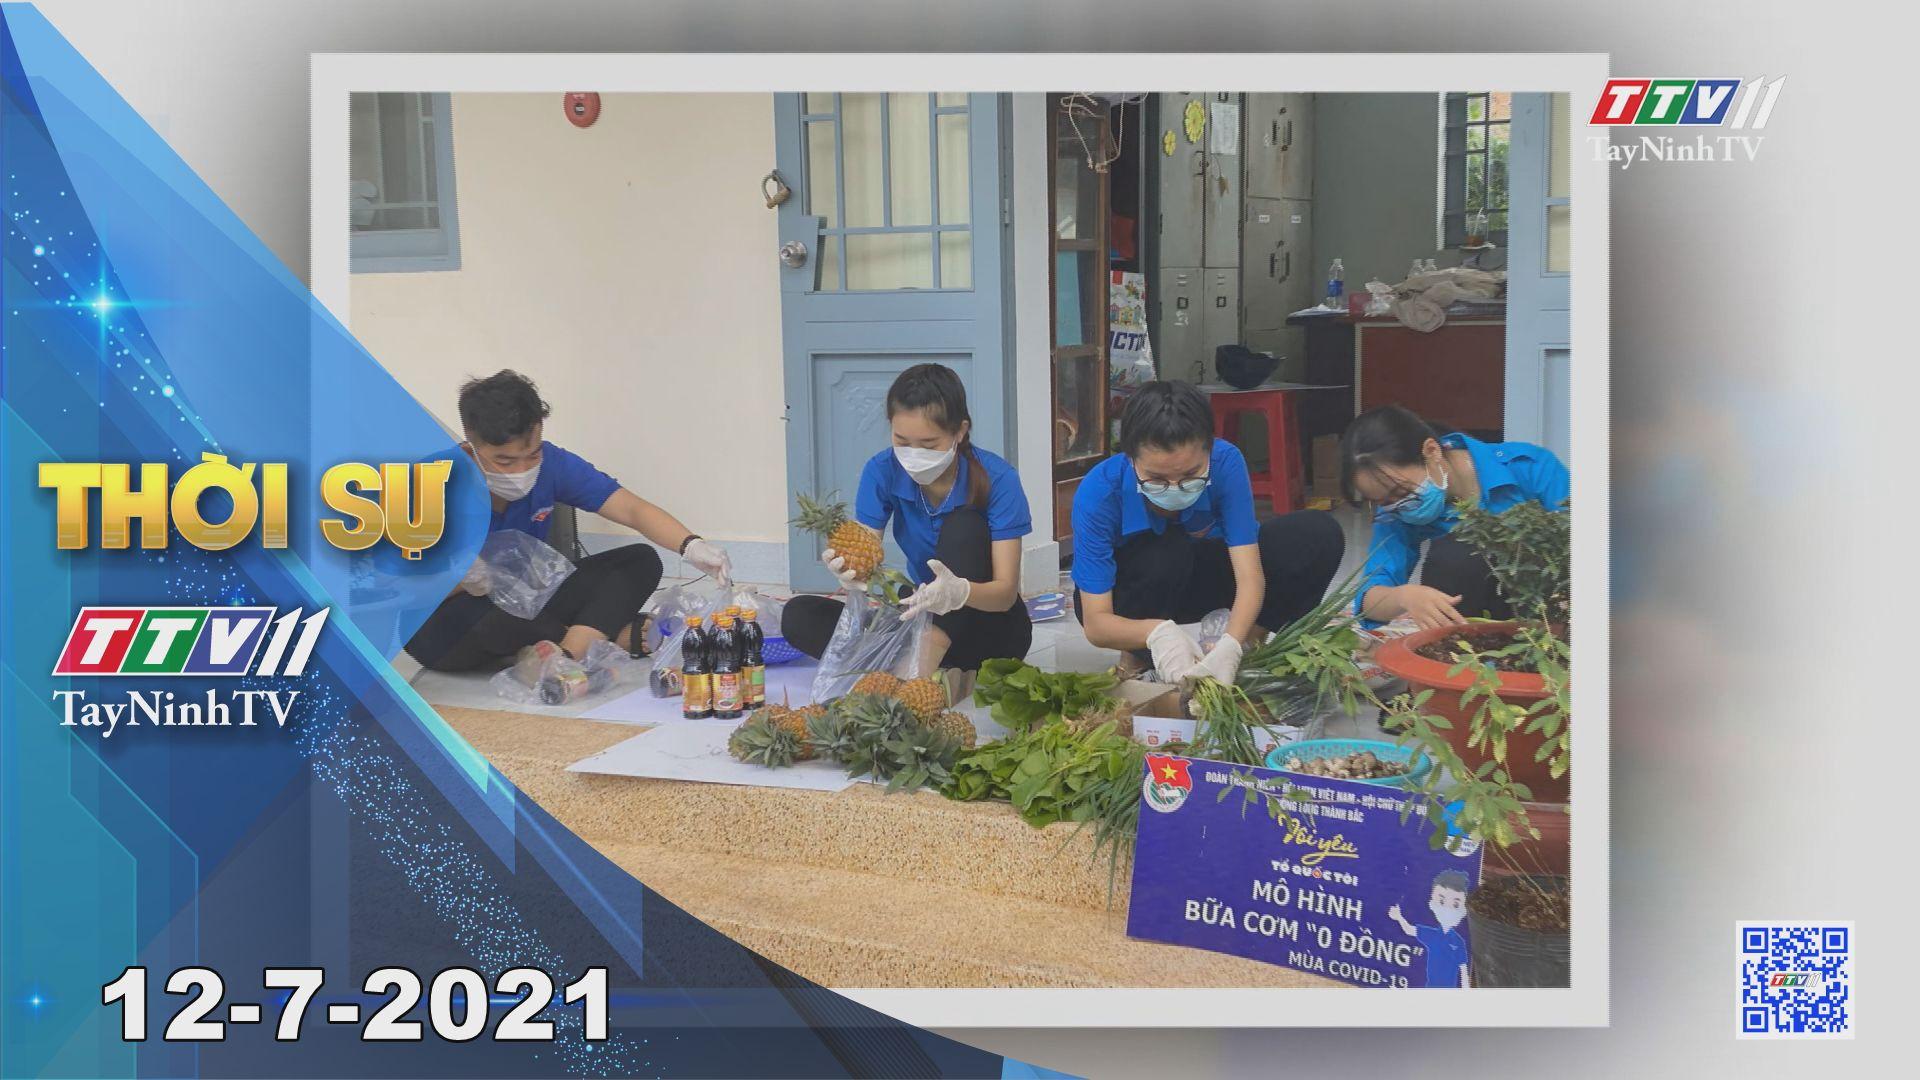 Thời sự Tây Ninh 12-7-2021   Tin tức hôm nay   TayNinhTV